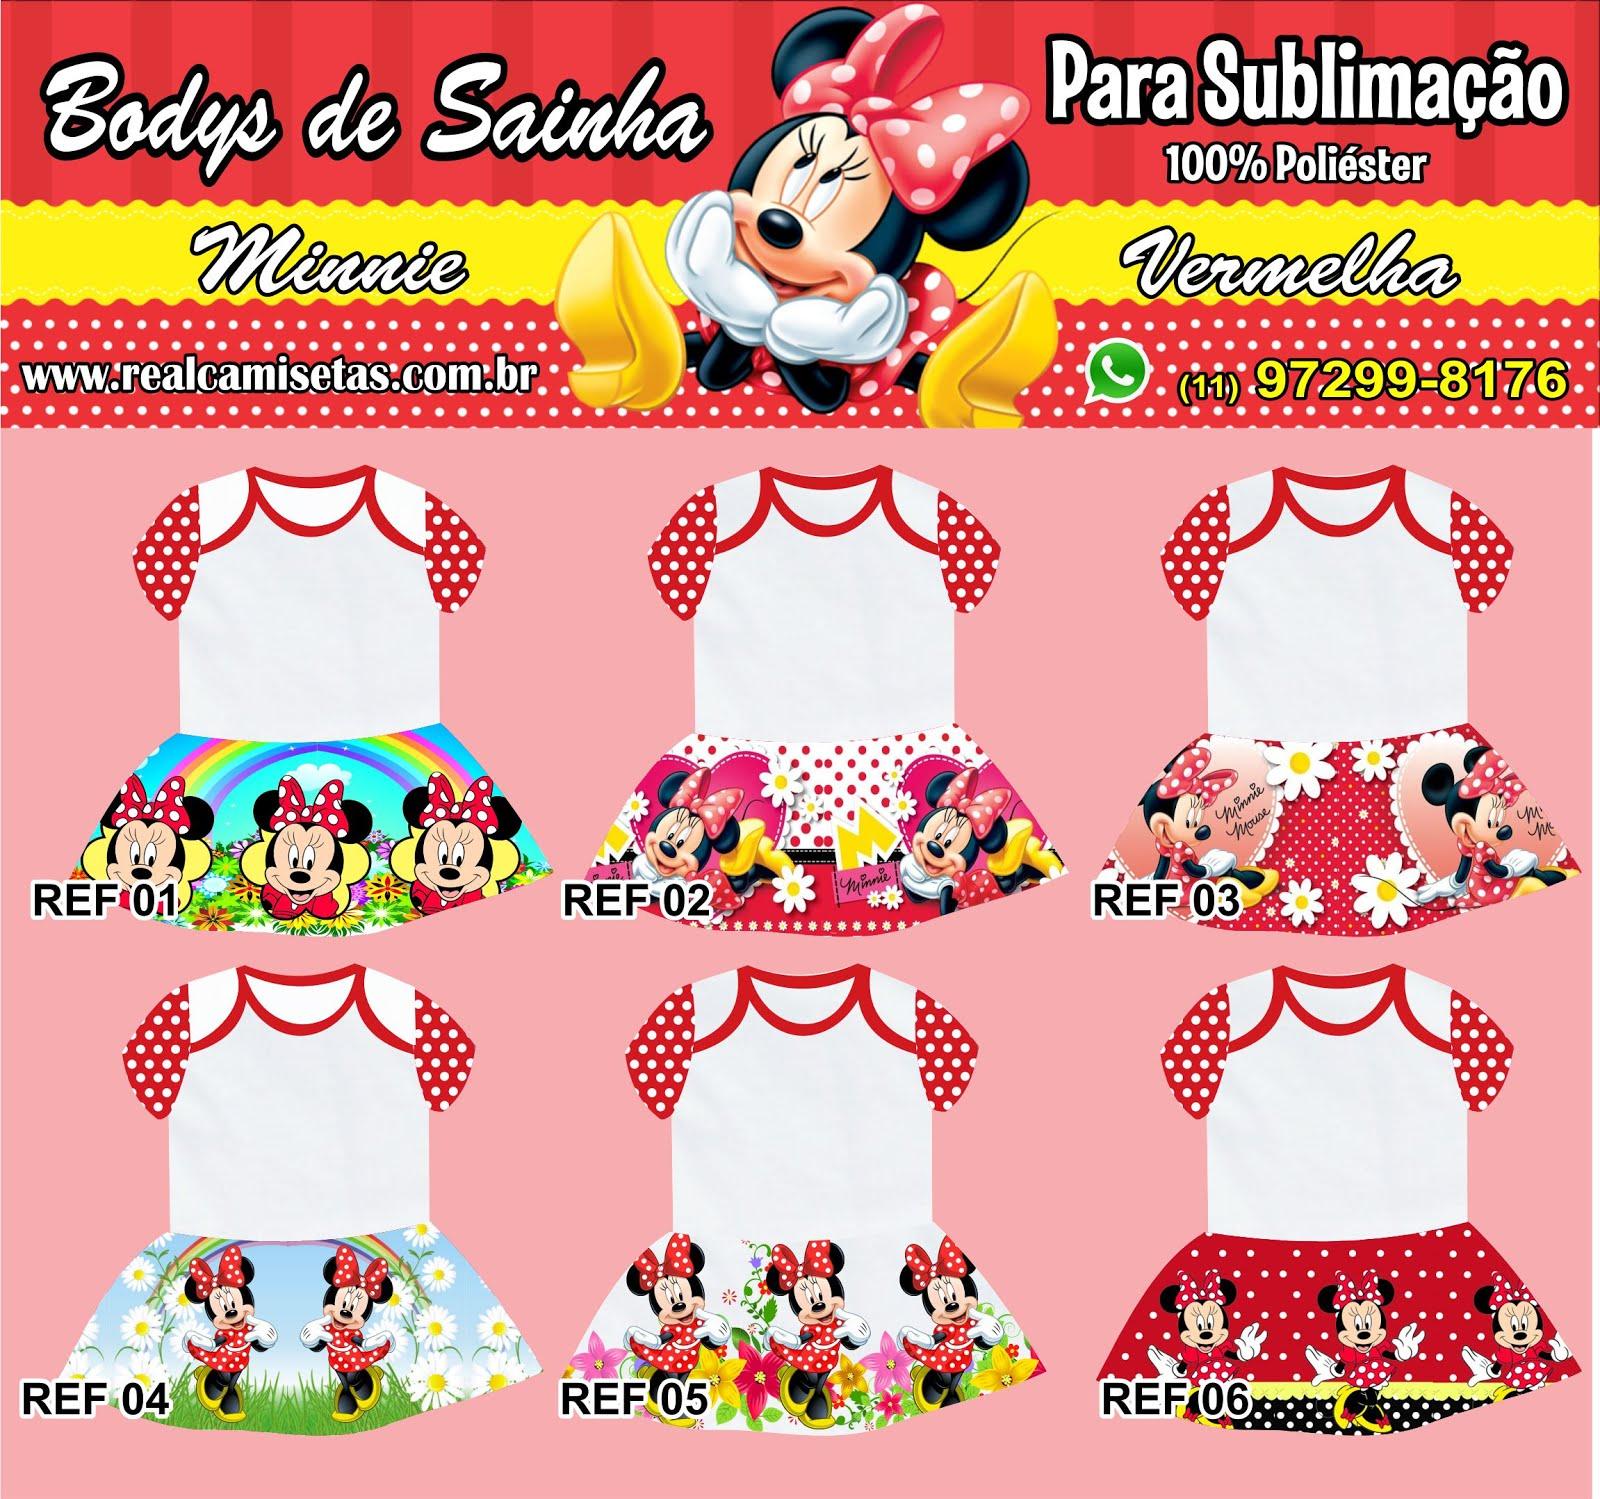 Bodys de bebês com sainhas para sublimação - Real Camisetas - Josynha Artes